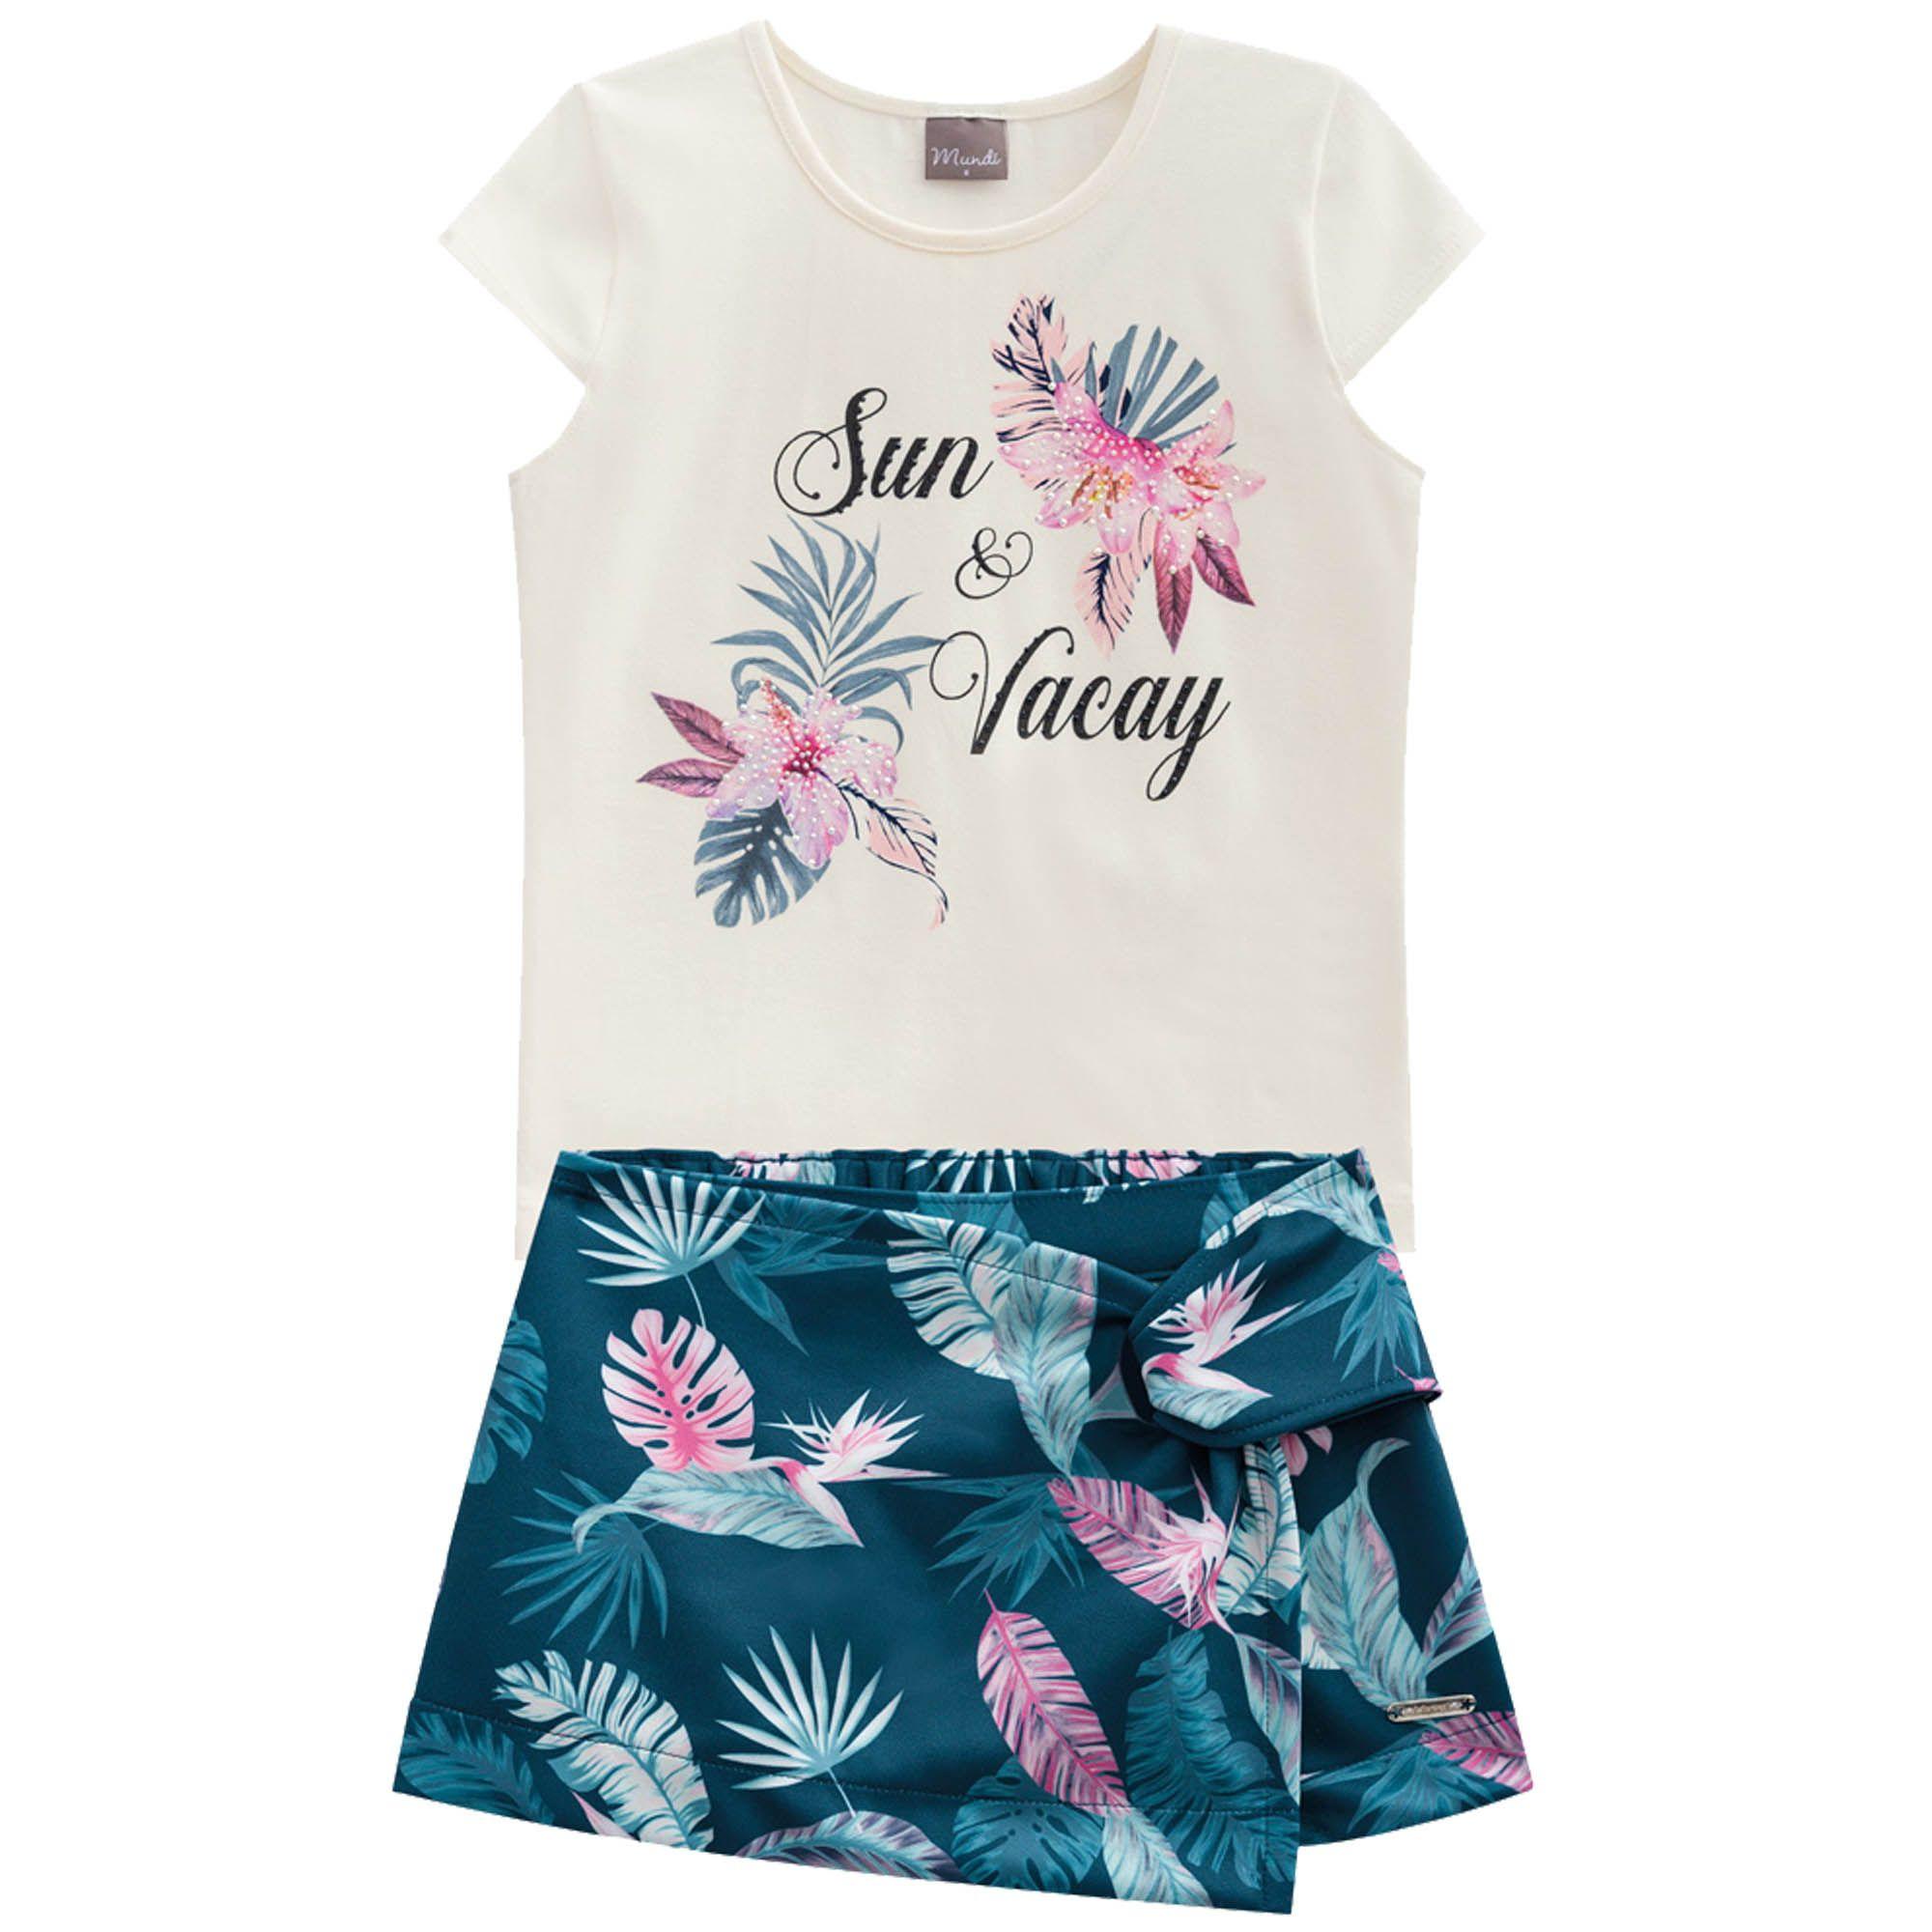 Conjunto Verão Brandili Mundi Blusa Sun e Vacay com Shorts Saia Folhas - 4 ao 14